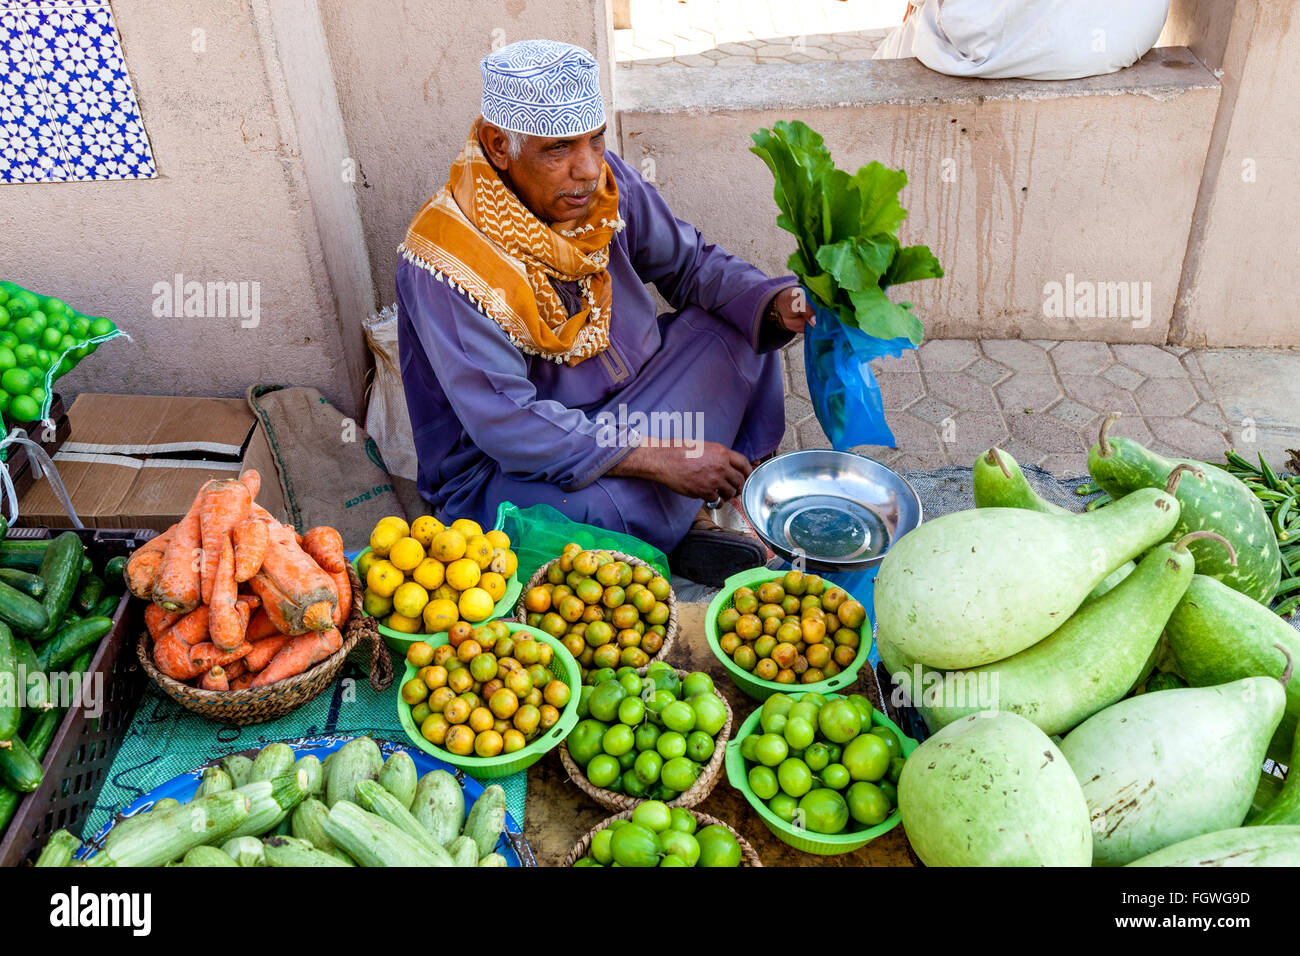 Mercado de frutas y verduras en el Zoco Nizwa Nizwa, Ad Dakhiliyah Región, Omán Imagen De Stock